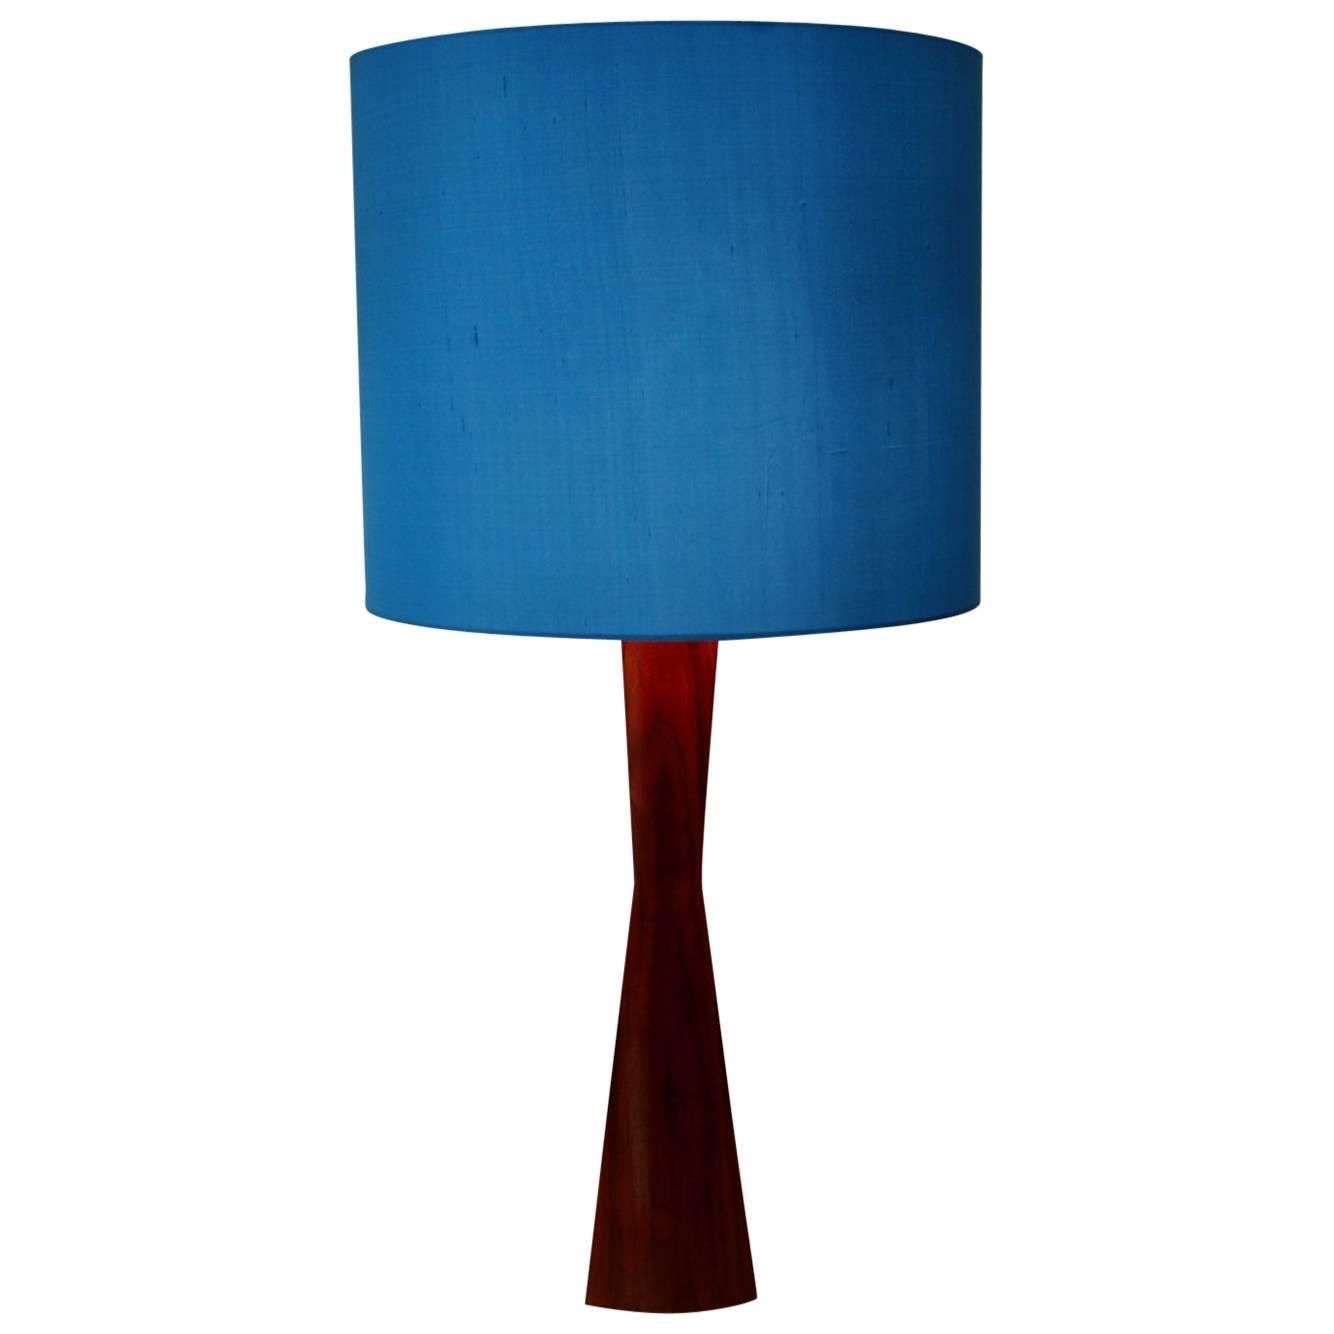 Scandinavian Modern Teak Blue Table Lamp or Floor Lamp, 1960s, Denmark